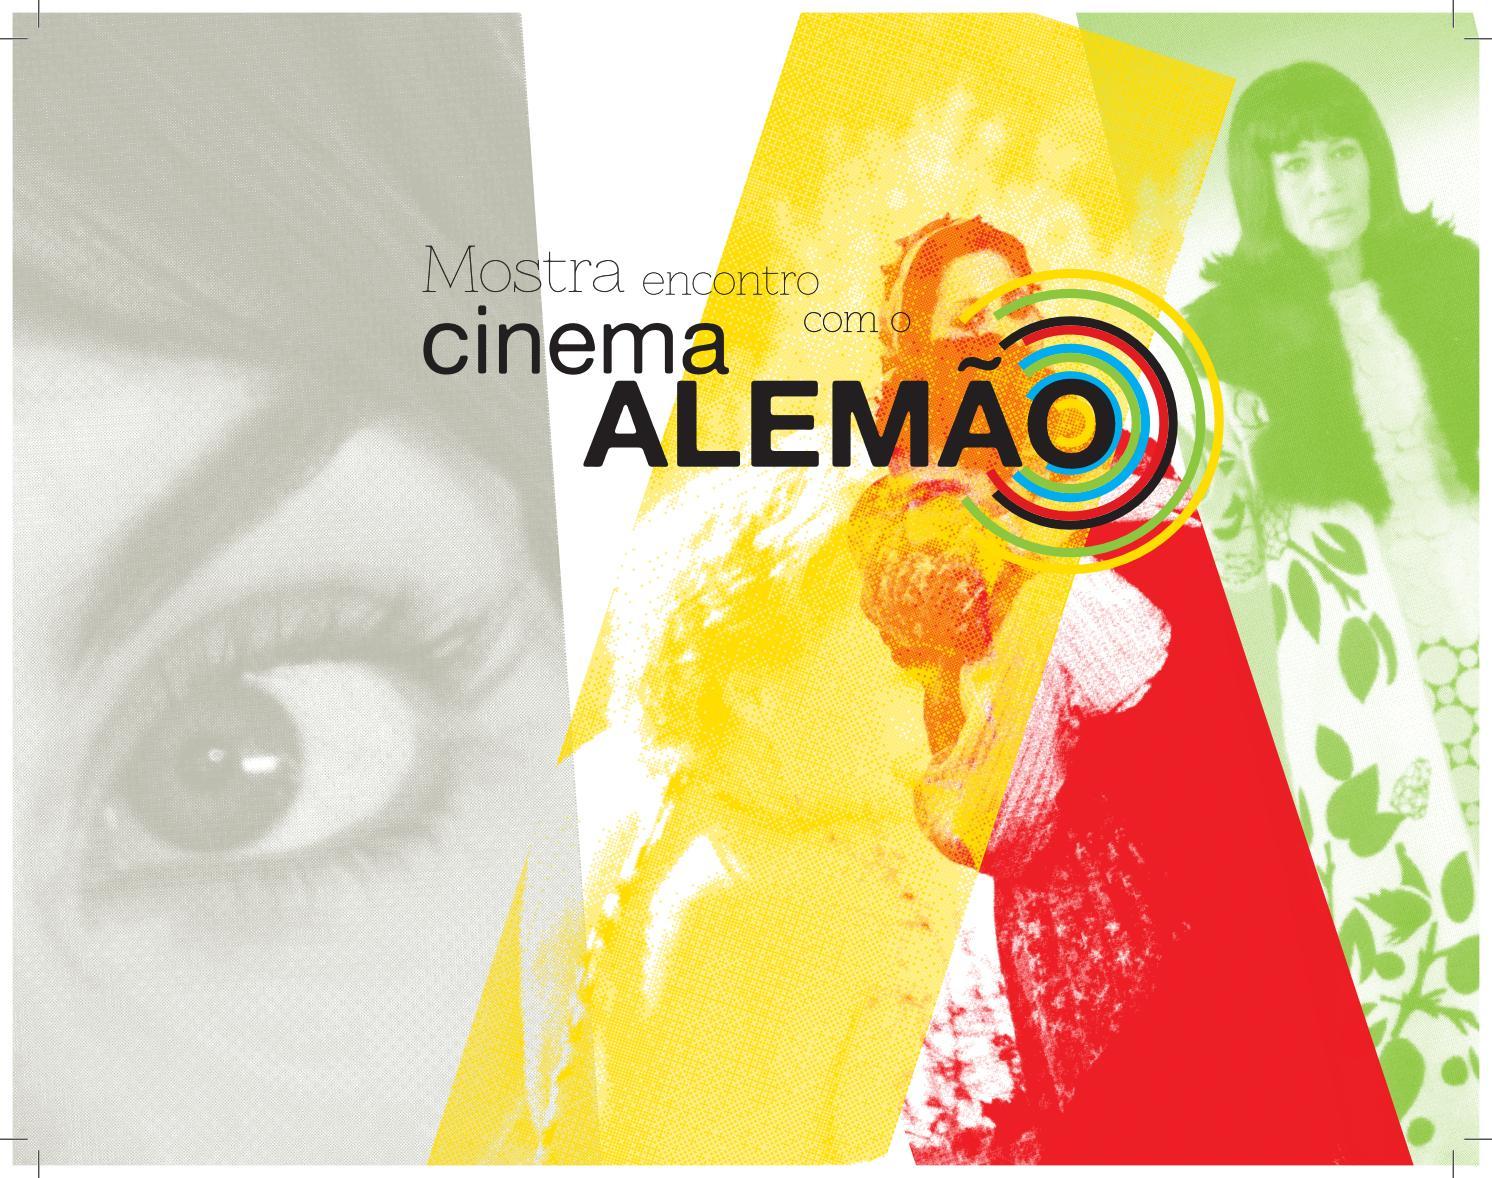 f359e0953 Catálogo da Mostra de cinema Encontro com o Cinema Alemão (2014) by  SescBrasil - issuu